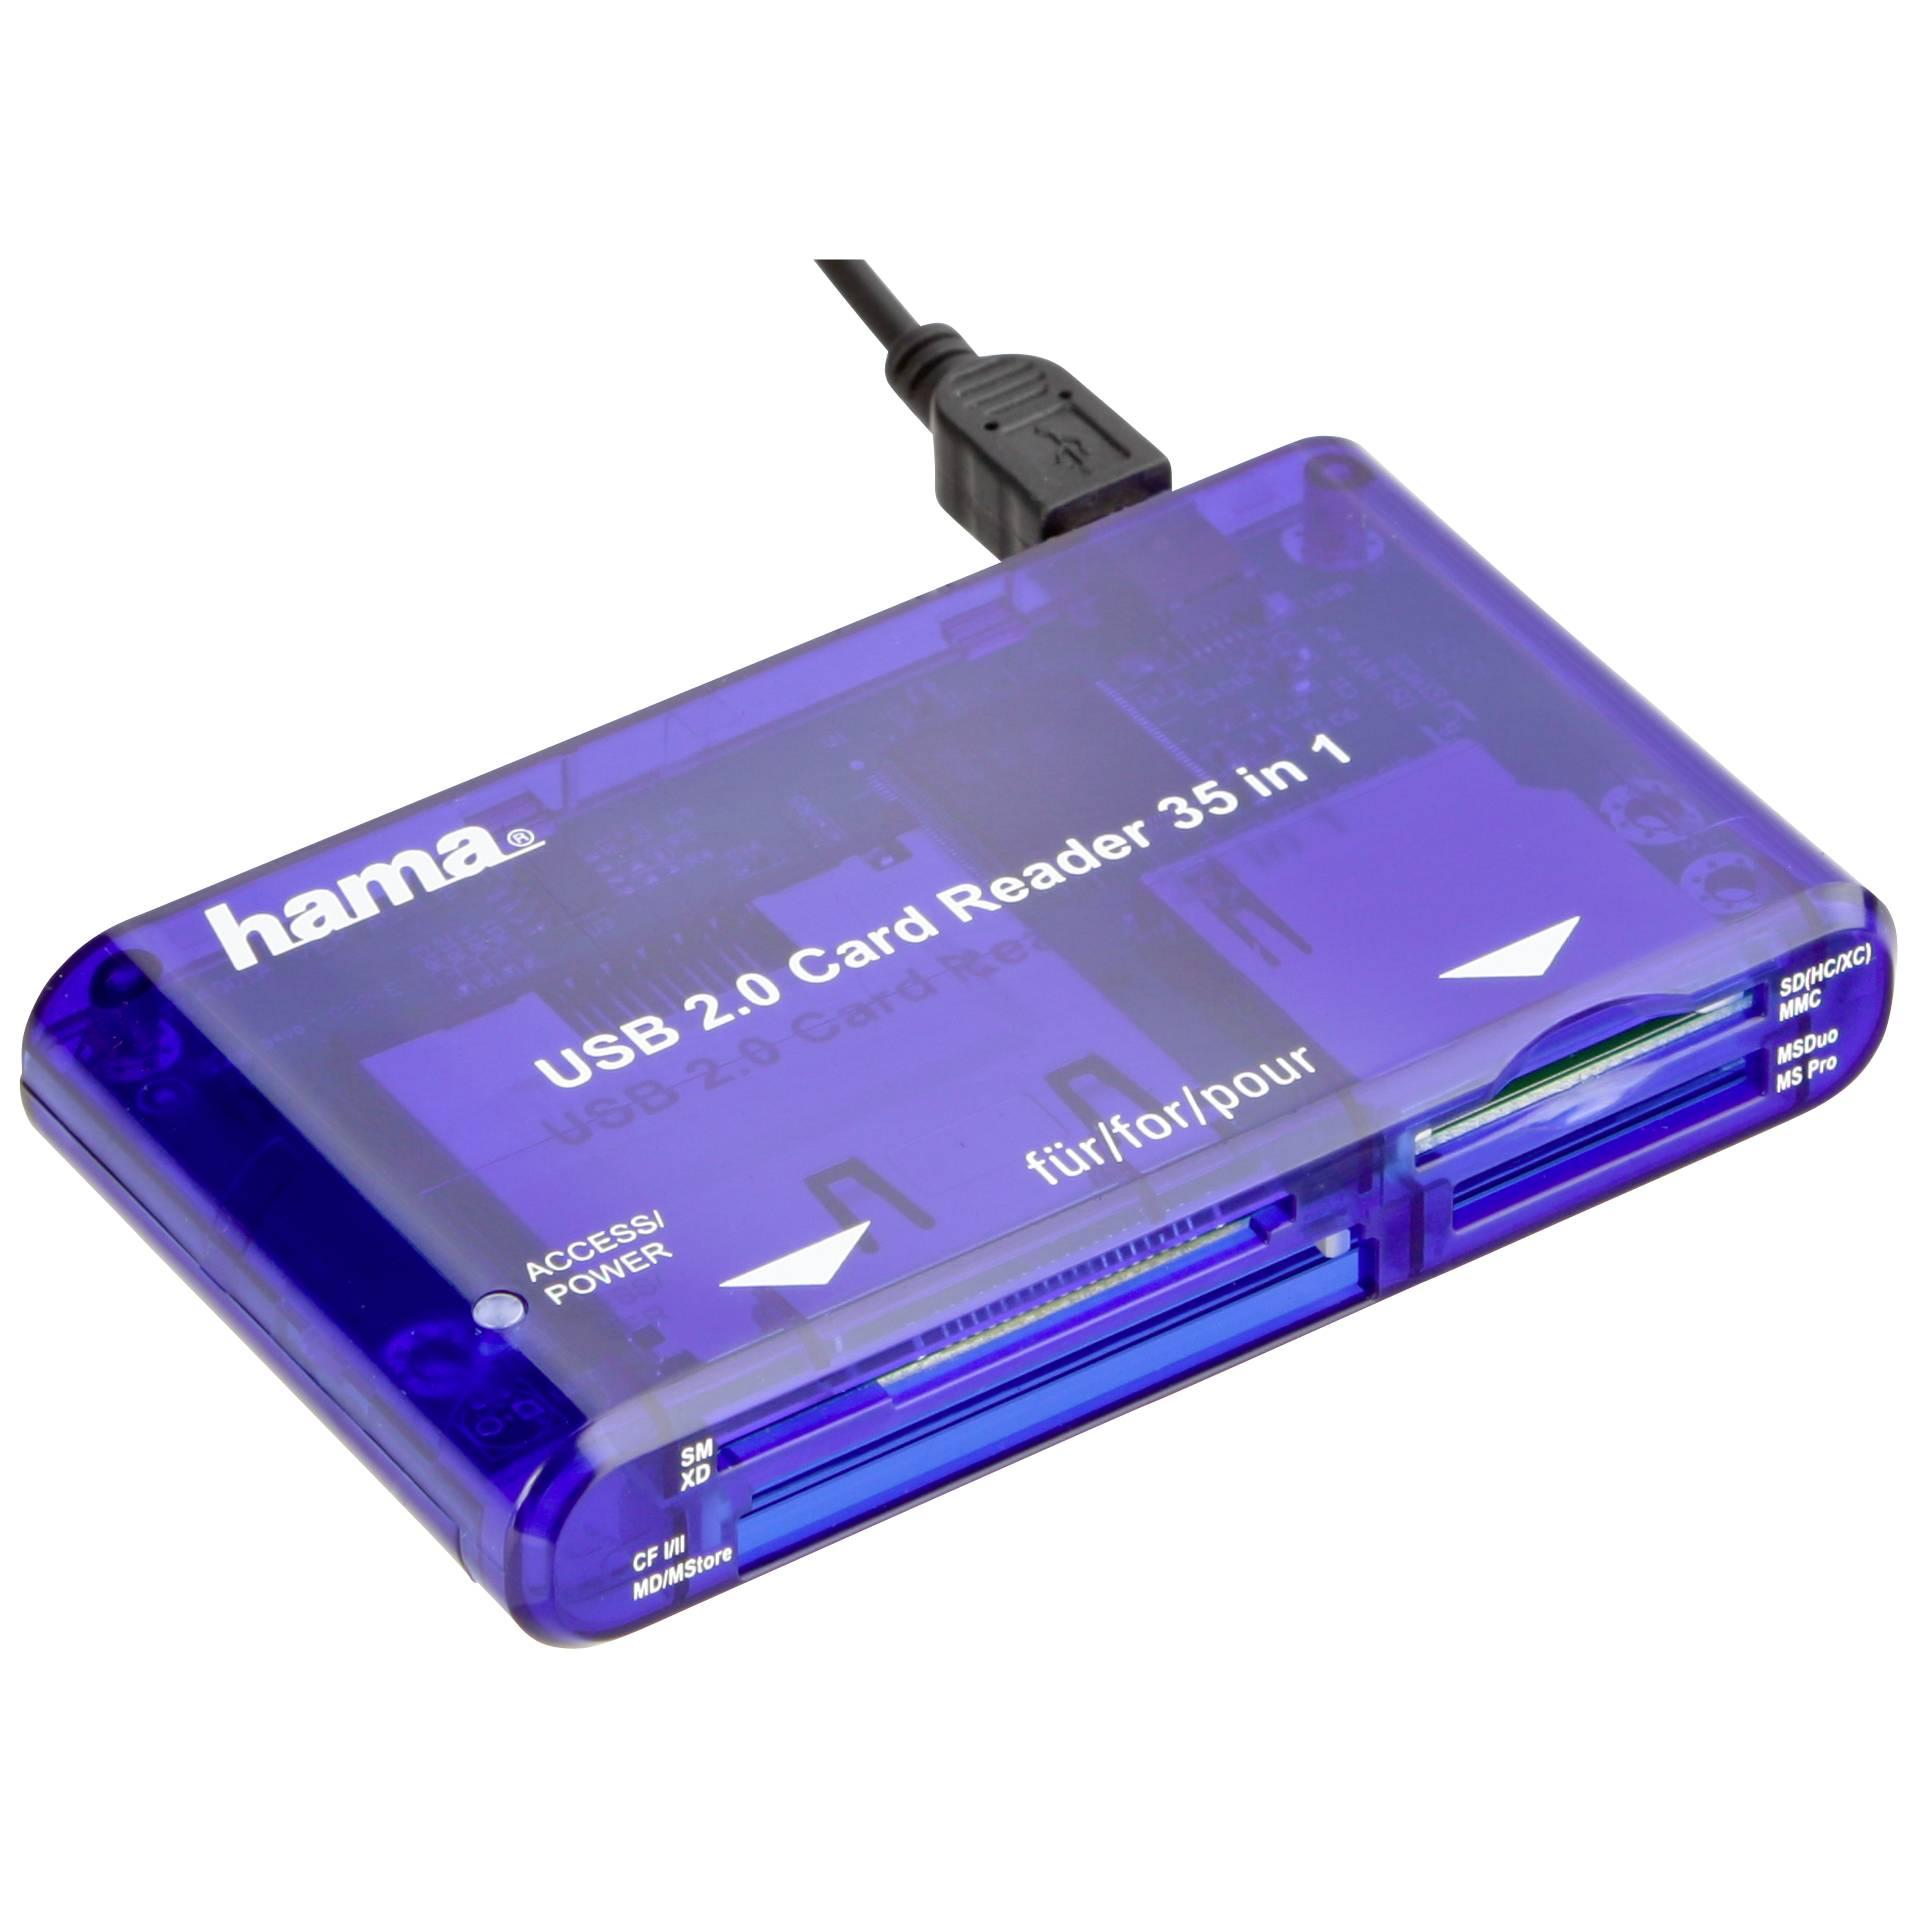 Hama USB 2.0 Multi-Kartenleser 35 in  1, blau             55348